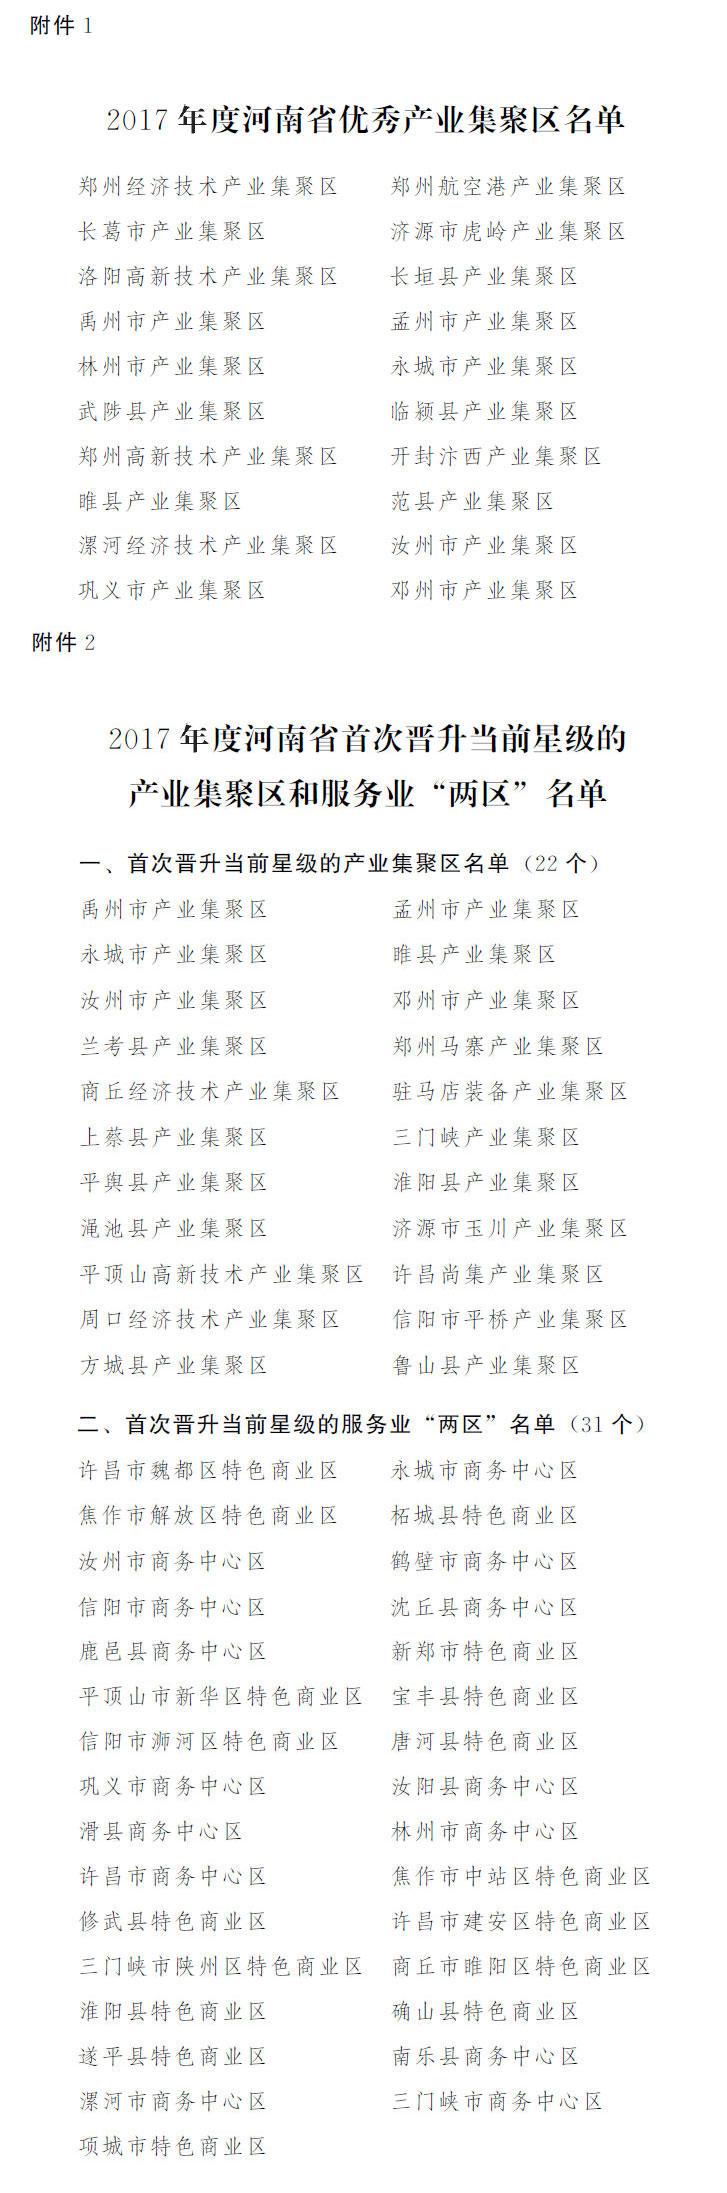 """豫政〔2018〕22号《河南省人民政府关于2017年度产业集聚区和服务业""""两区""""考核评价情况的通报》"""